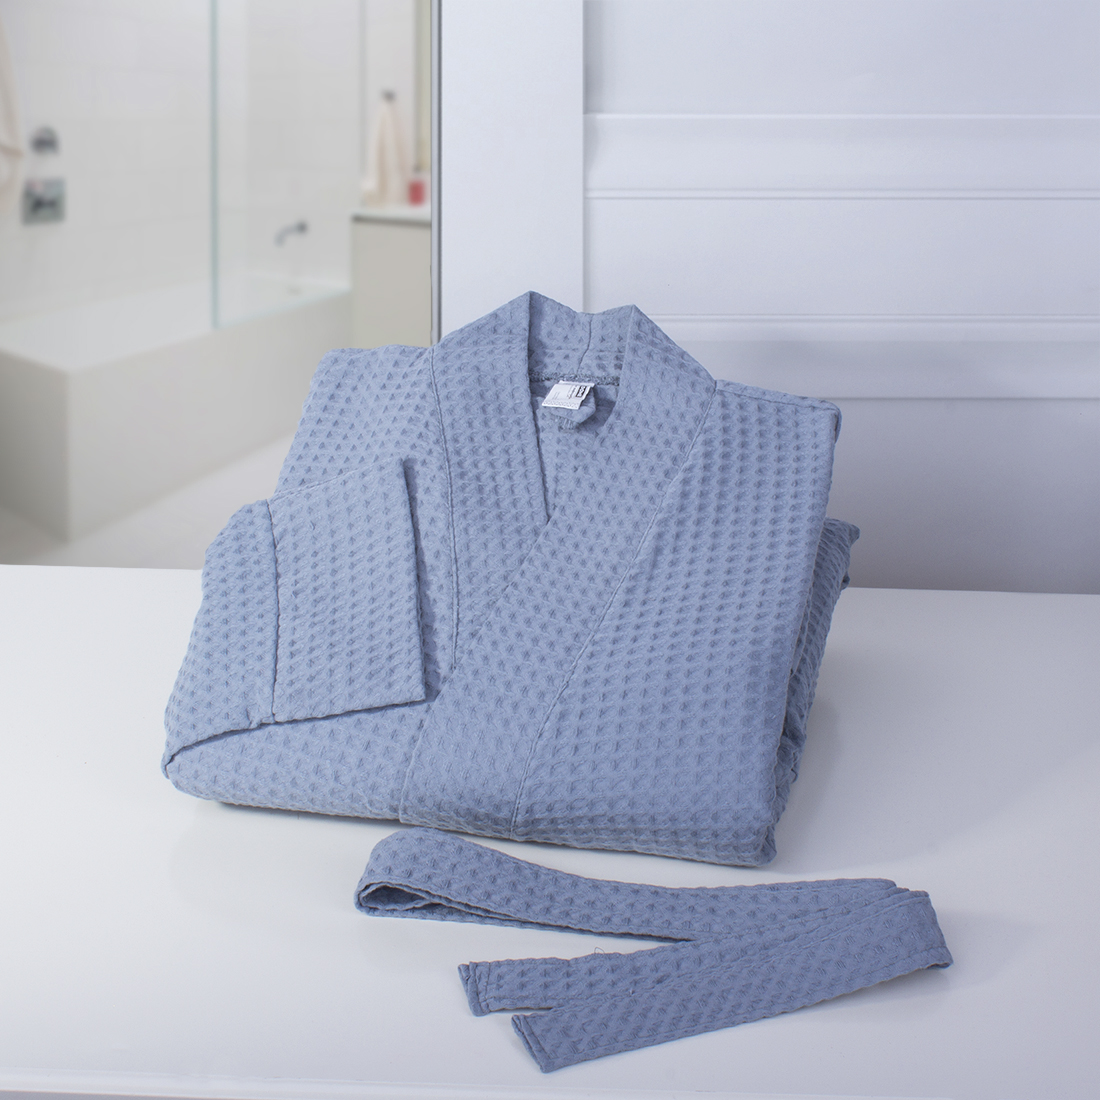 Халат-кимоно Dome Ribbed, цвет: серо-голубой. Размер Ldme333621Пике довольно неприхотливая добротная ткань. В ее составе только экологически чистые материалы. Пике замечательно впитывает жидкости и является достойным аналогом изделий из махры для ванной комнаты и кухни. Отличительная особенность Пике Dome - это особое переплетение волокон, в результате которого получается 3D узор. Такой вид плетения придает ткани особую мягкость и легкость. Готовые изделия не занимают много места, легко стираются и очень быстро сохнут. Изделия из Пике от бренда Dome - это качественные современные вещи по доступным ценам.